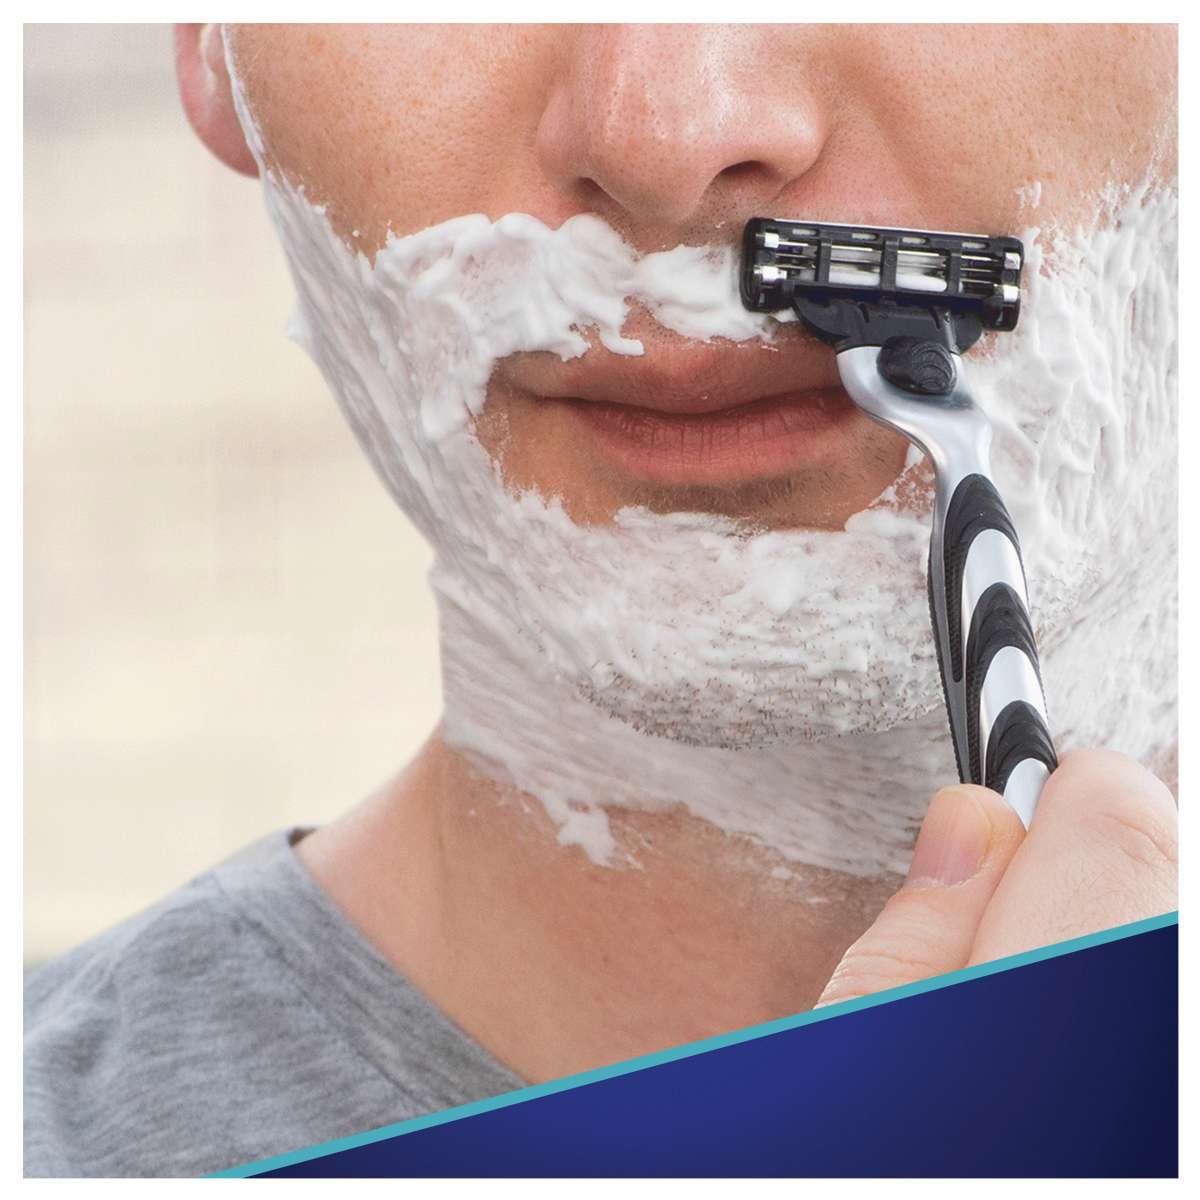 Сменные картриджи для бритья (Лезвия) Gillette Mach 3 8 шт. фото 3